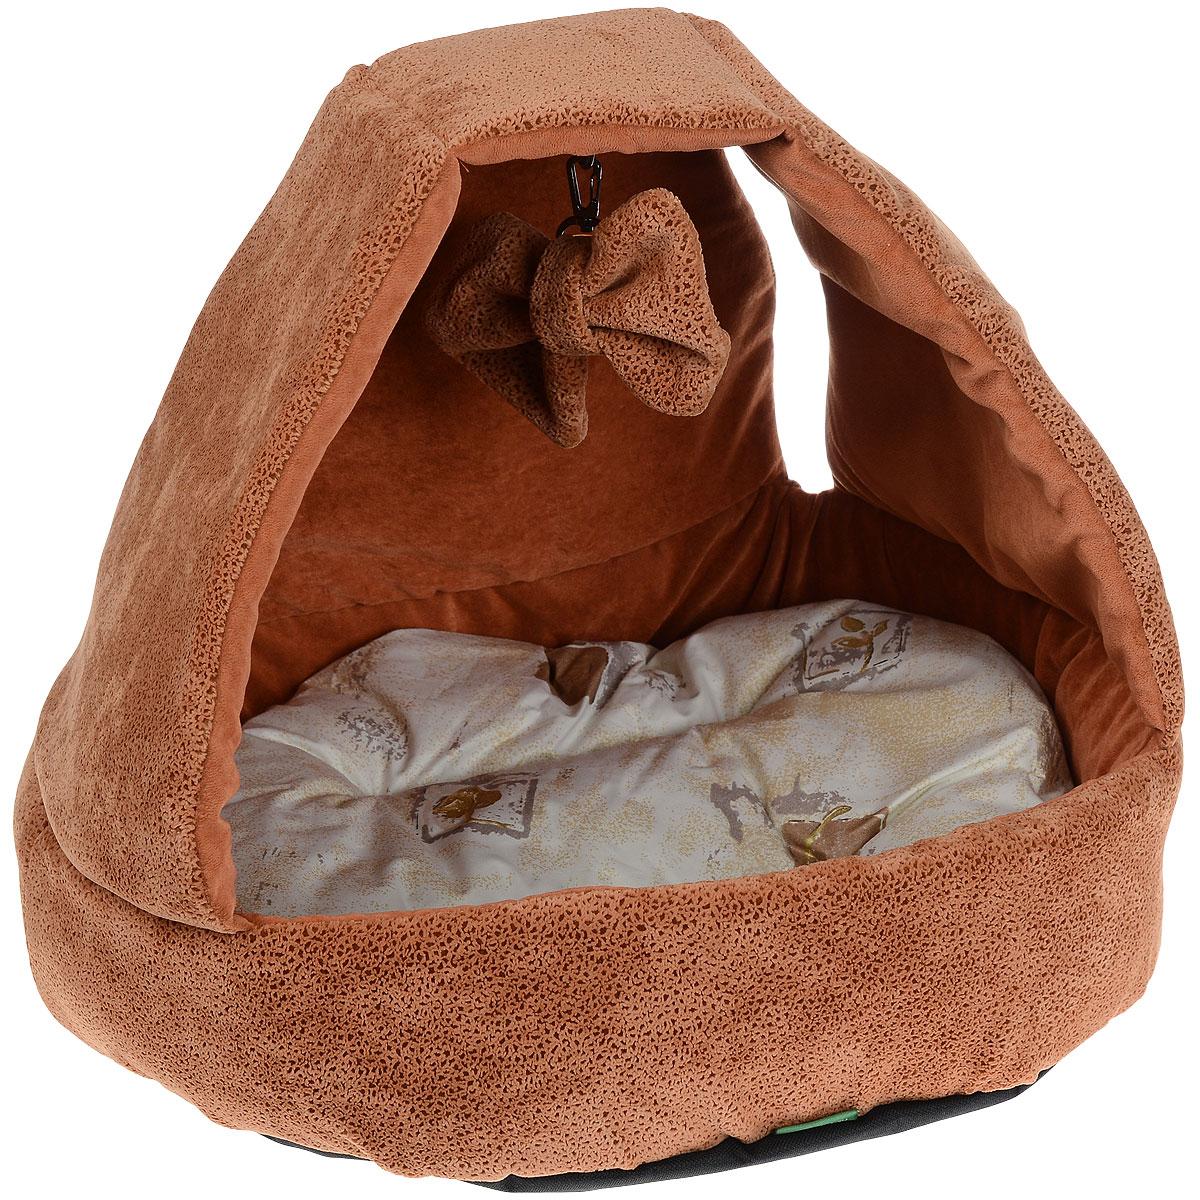 Домик для кошек и собак Titbit с игрушкой, цвет: рыжий, 43 см х 43 см х 40 см0120710Домик TiTBiT с игрушкой обеспечит Вашему питомцу комфортный отдых и веселое развлечение. Предназначен для кошек и небольших собак. Конструкция из поролона прекрасно держит форму. Отделка из мебельной ткани Флок нежная и мягкая на ощупь. Дно изделия выполнено из износостойкой ткани Оксфорд. Внутри домика - мягкая подушка на синтепоне которую можно стирать в машине. И игрушка на карабине, которую можно отстегивать.Вкус: Состав: ткань мебельная флок, поролон, синтепон, ткань тик, ткань Оксфорд.Условия хранения: сухое место.